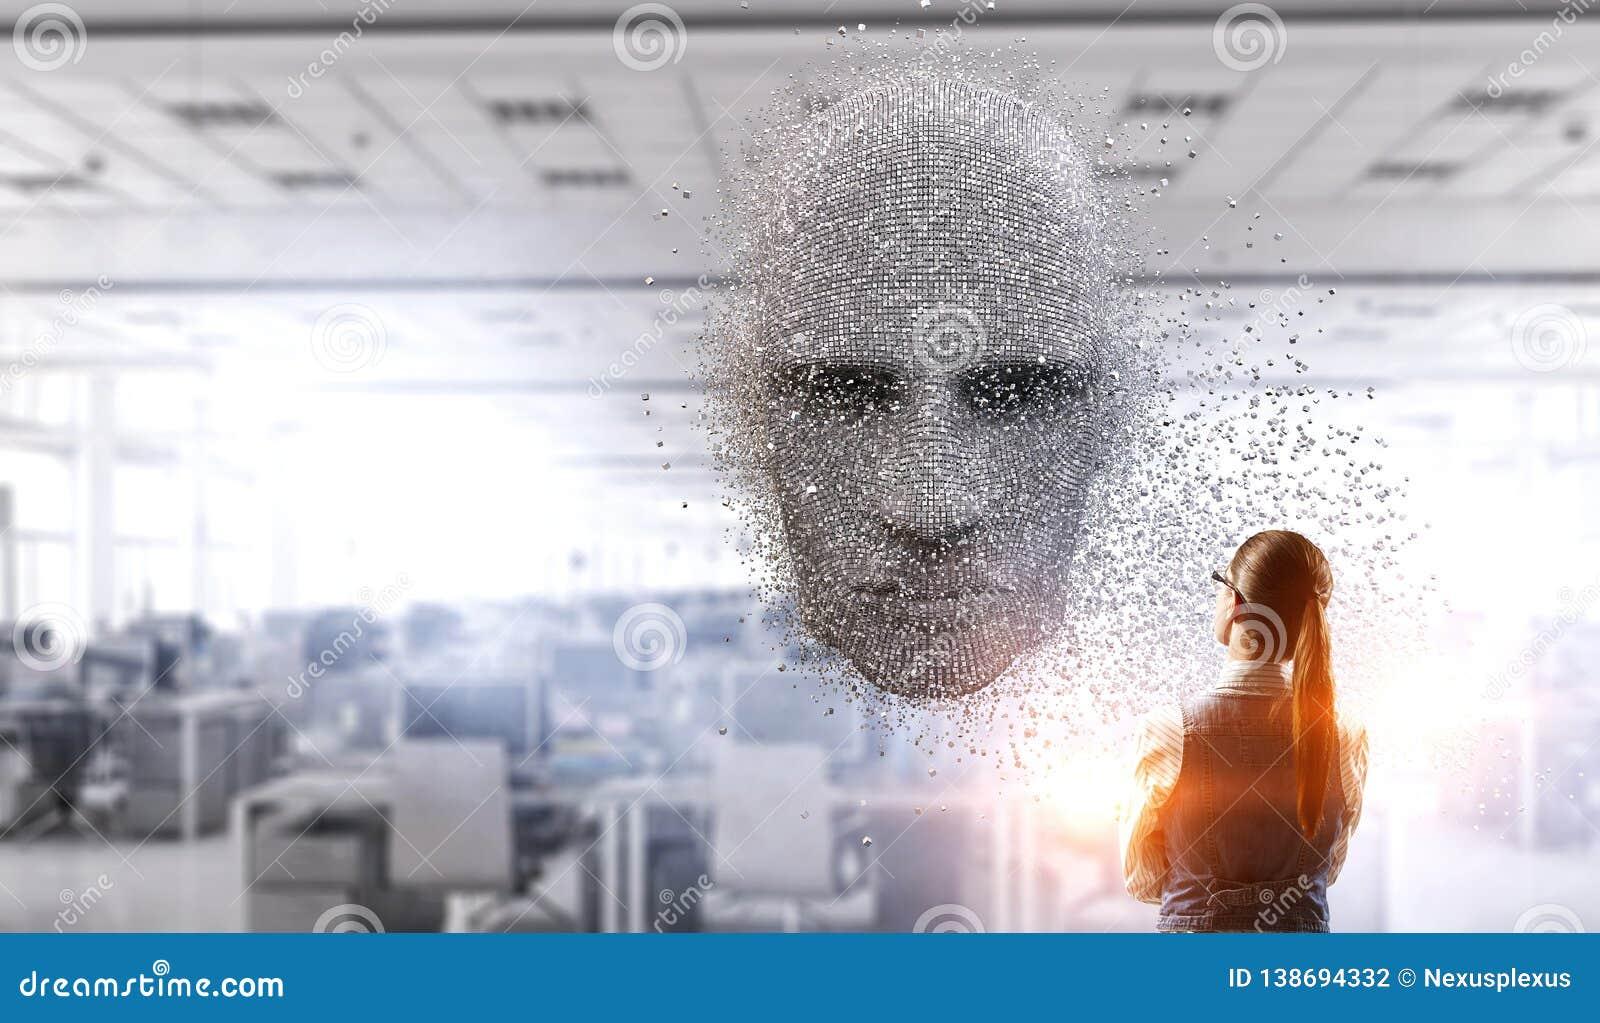 Технологии искусственного интеллекта и будущего Мультимедиа